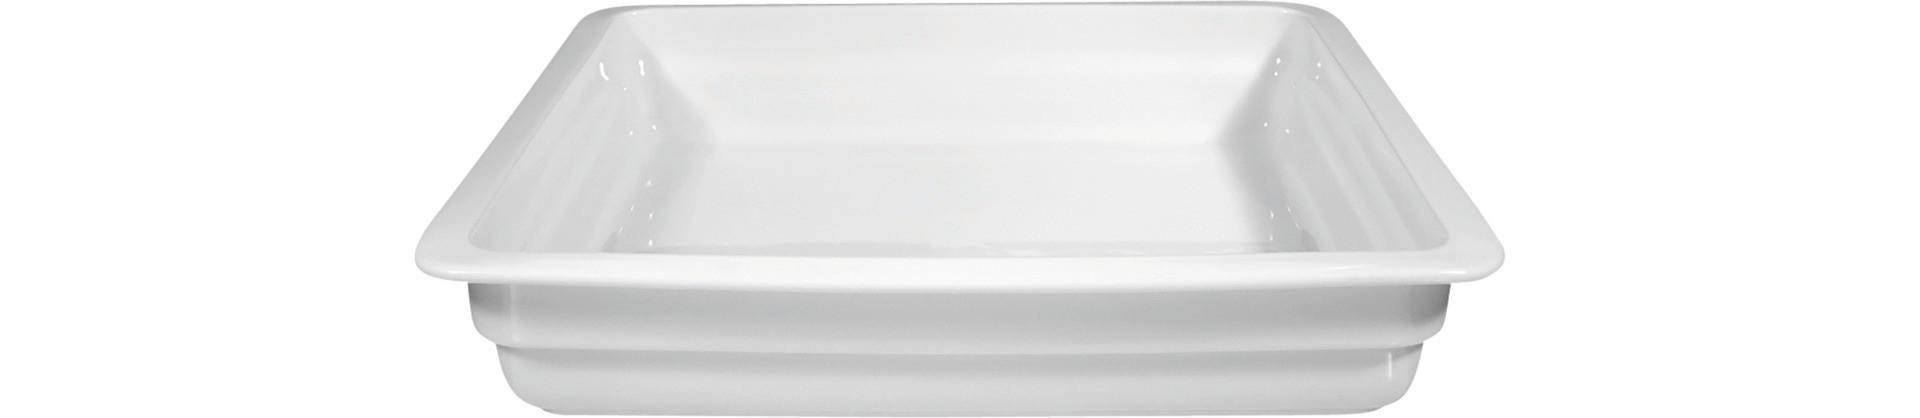 Buffet Gourmet, GN-Behälter GN 2/3 354 x 325 x 65 mm / 5,00 l